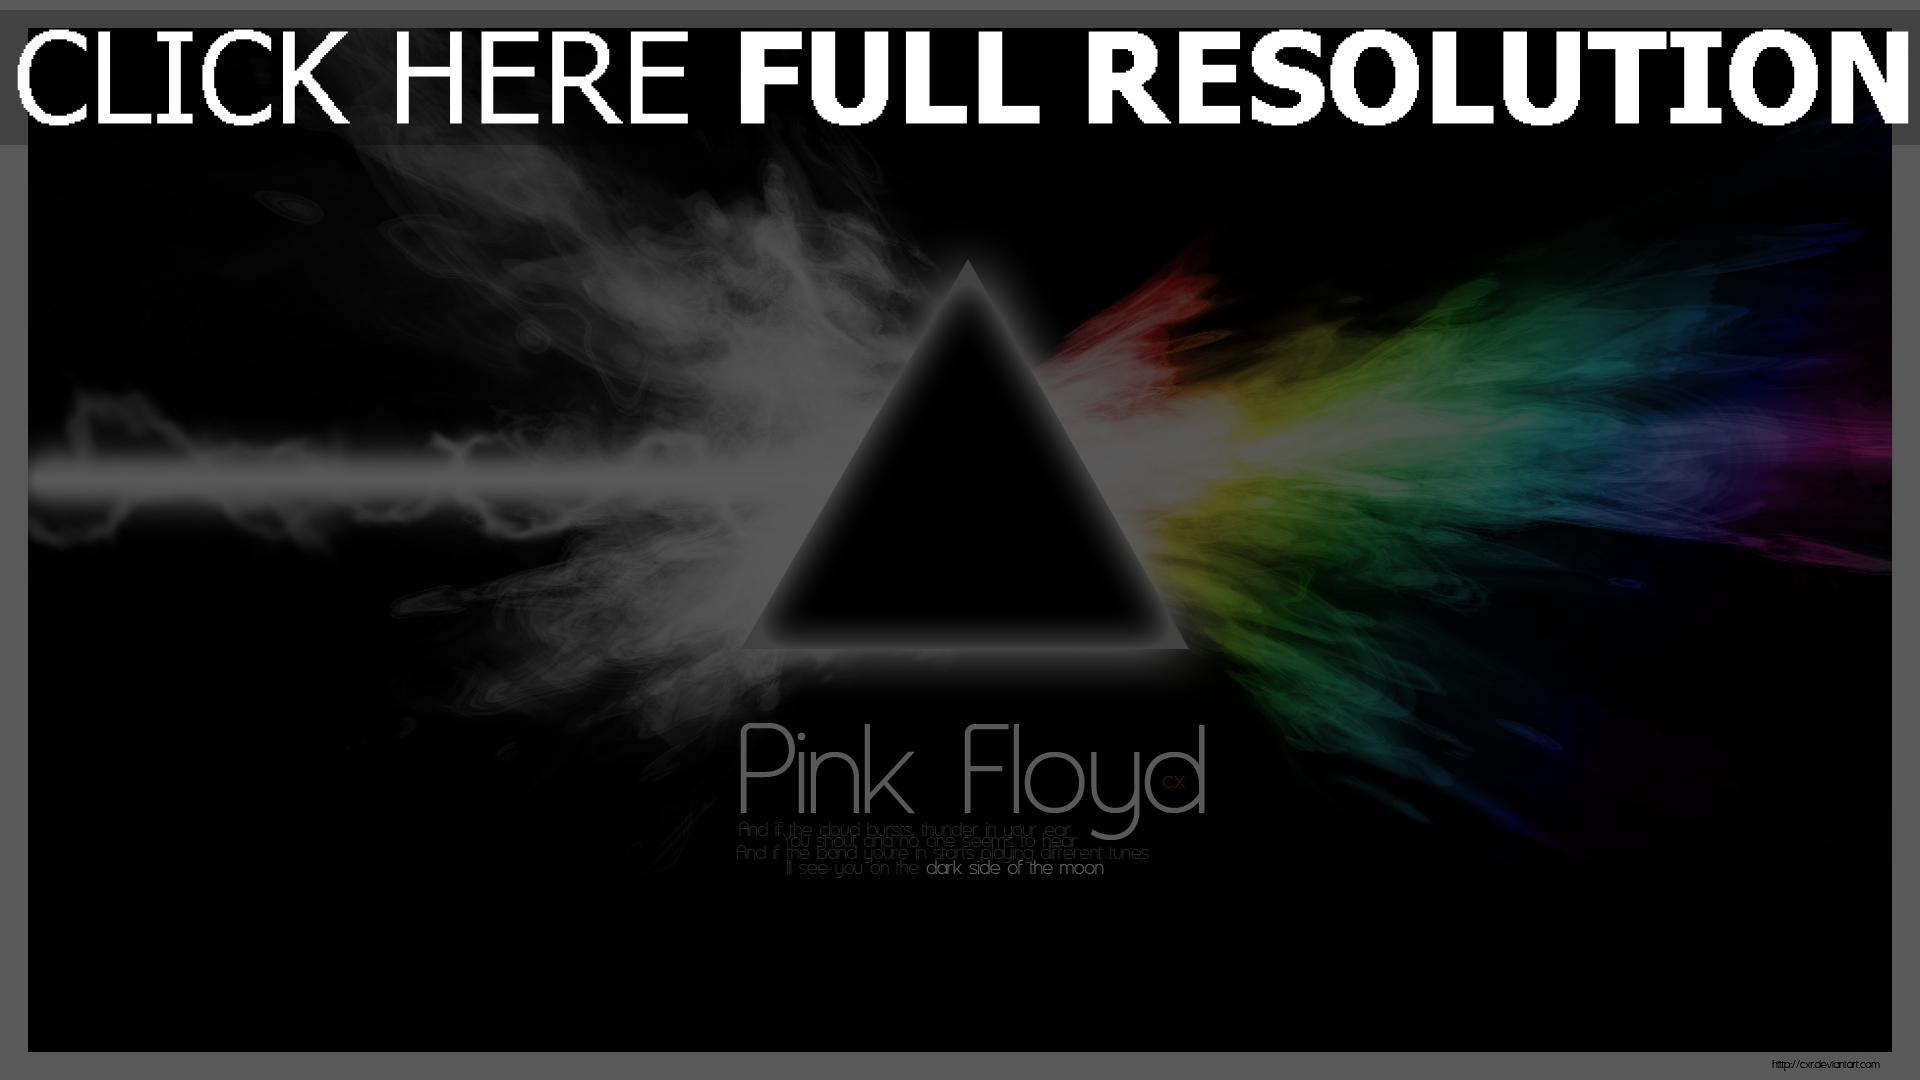 hd hintergrundbilder zeichen pink floyd grafiken text dreieck 1920x1080